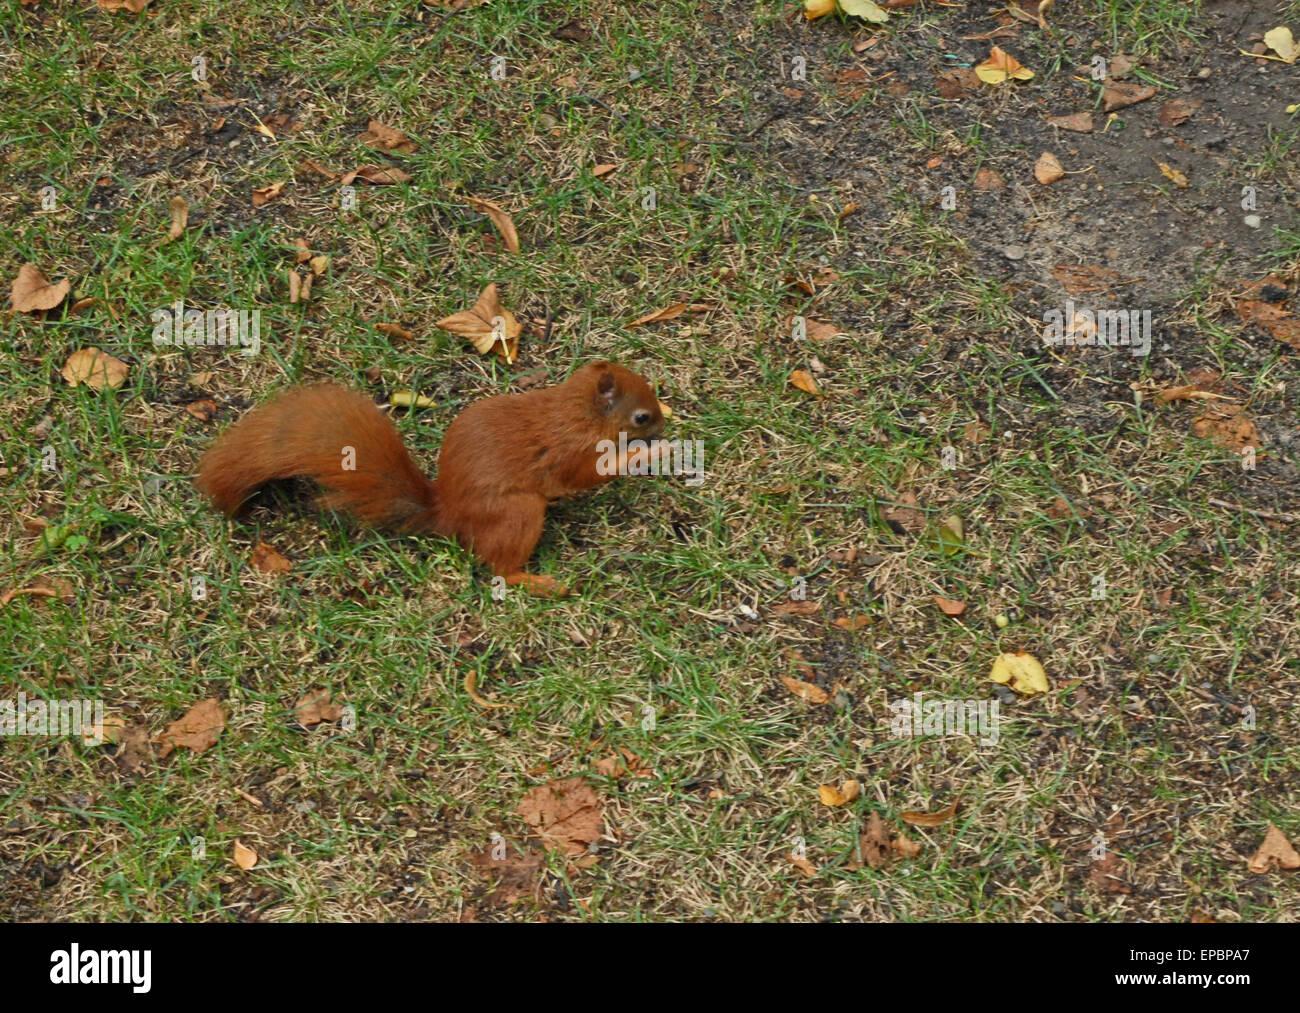 Squirrel At łazienki Królewskie Park In Warsaw Warszawa